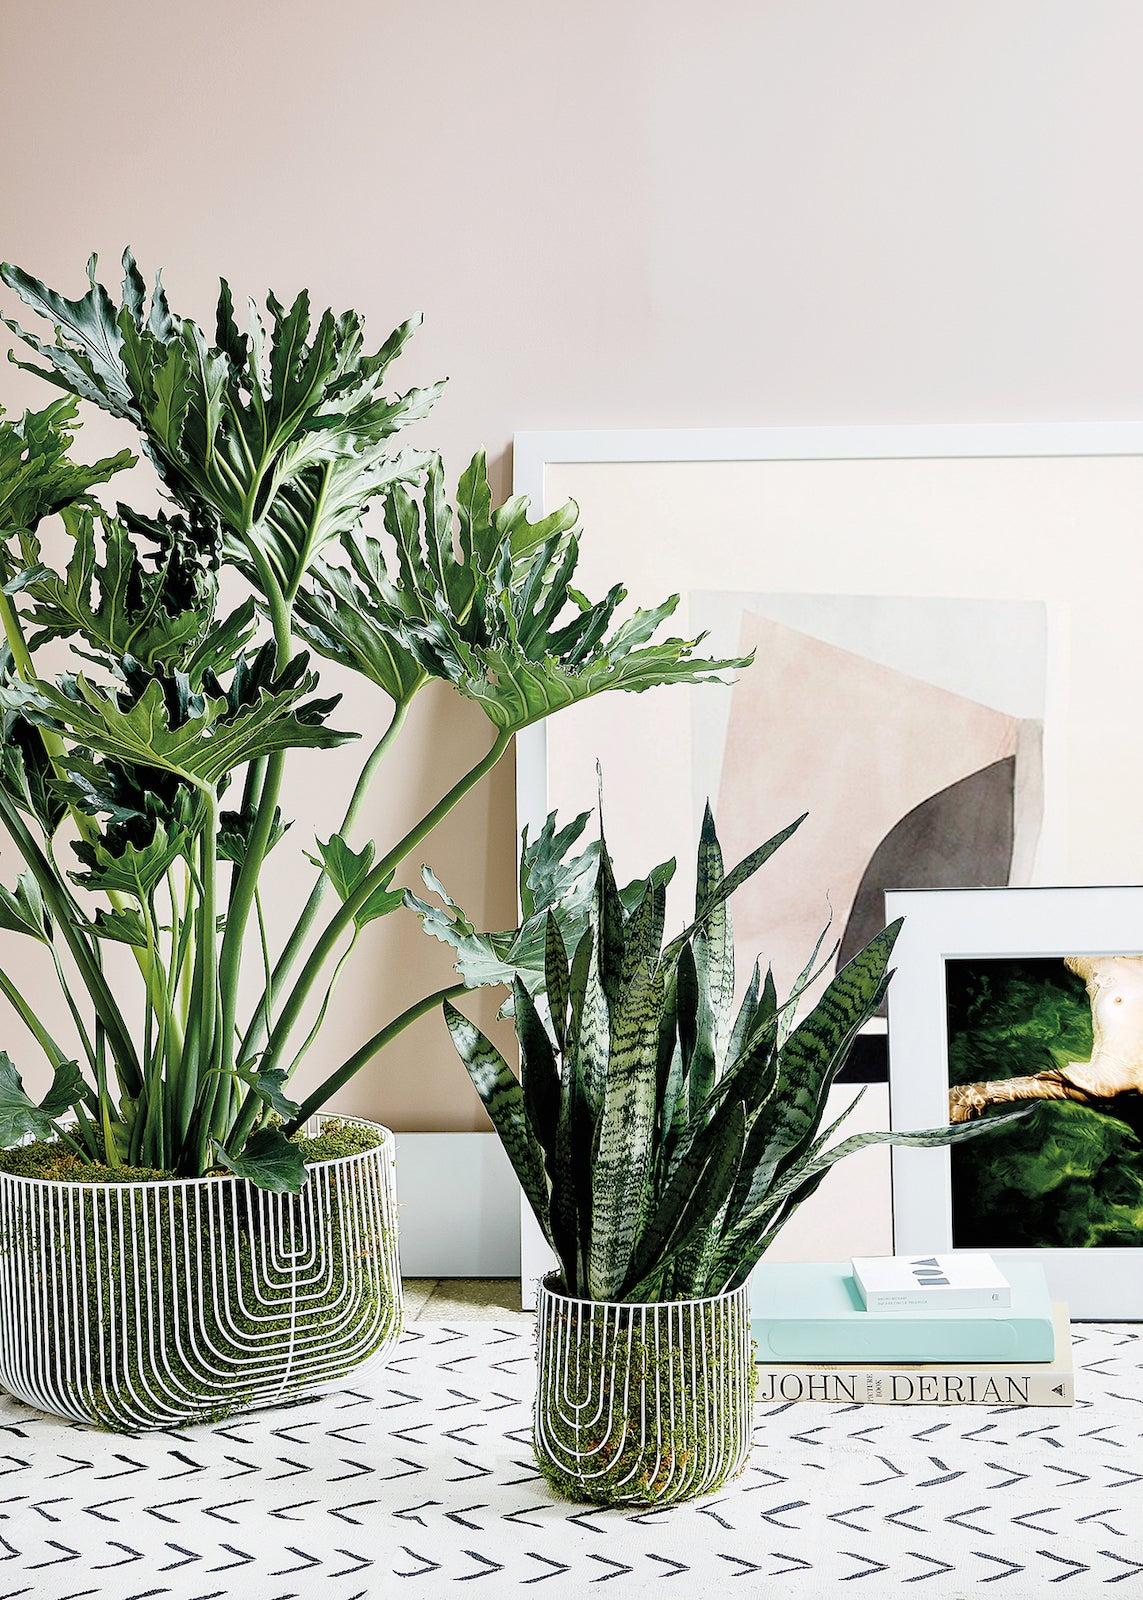 Two houseplants